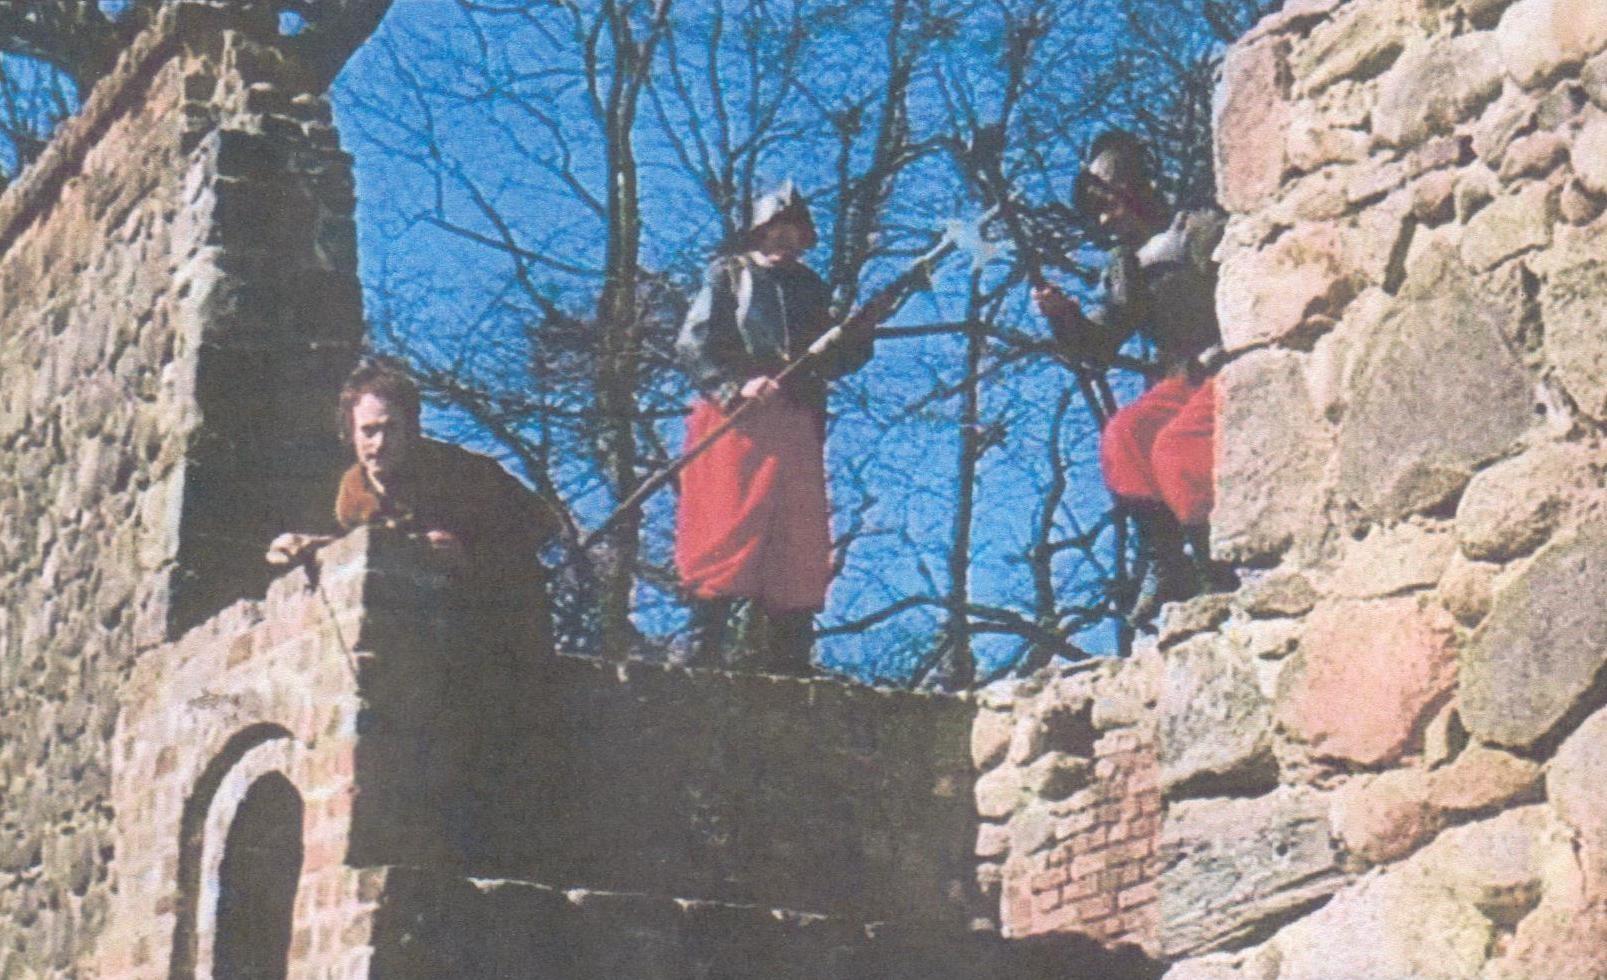 Da die Tore geschlossen waren, musste Hans über die Stadtmauer fliehen. Dabei lieferte er sich mit den Wachen einen Kampf.